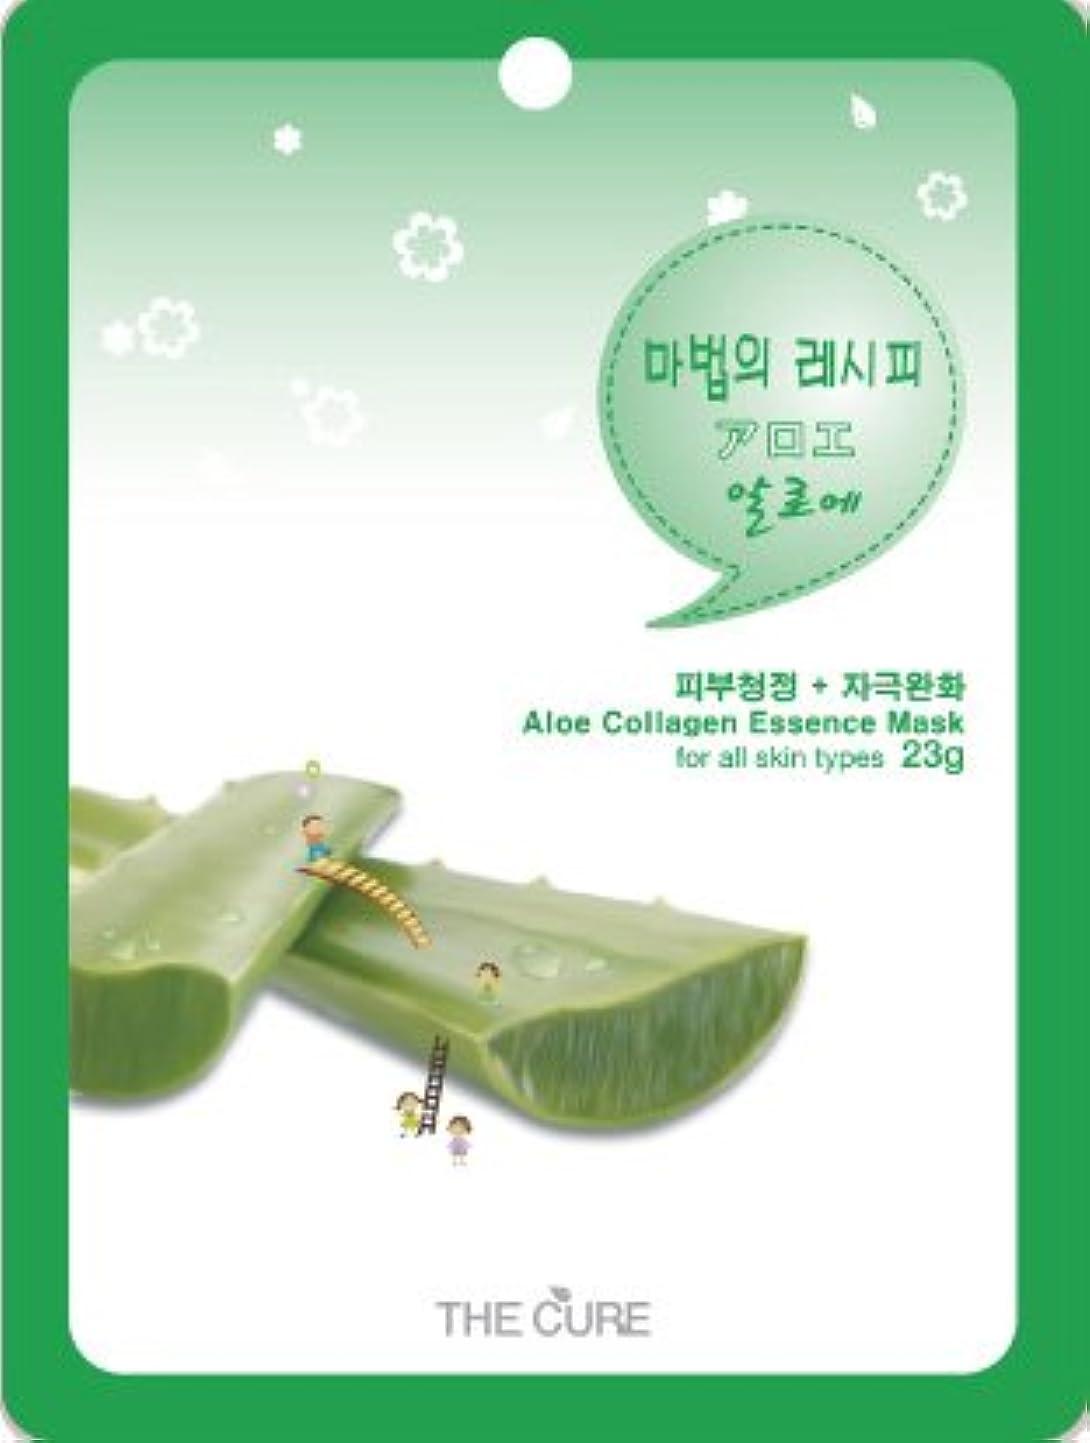 ピル妊娠したボイコットアロエ コラーゲン エッセンス マスク THE CURE シート パック 10枚セット 韓国 コスメ 乾燥肌 オイリー肌 混合肌